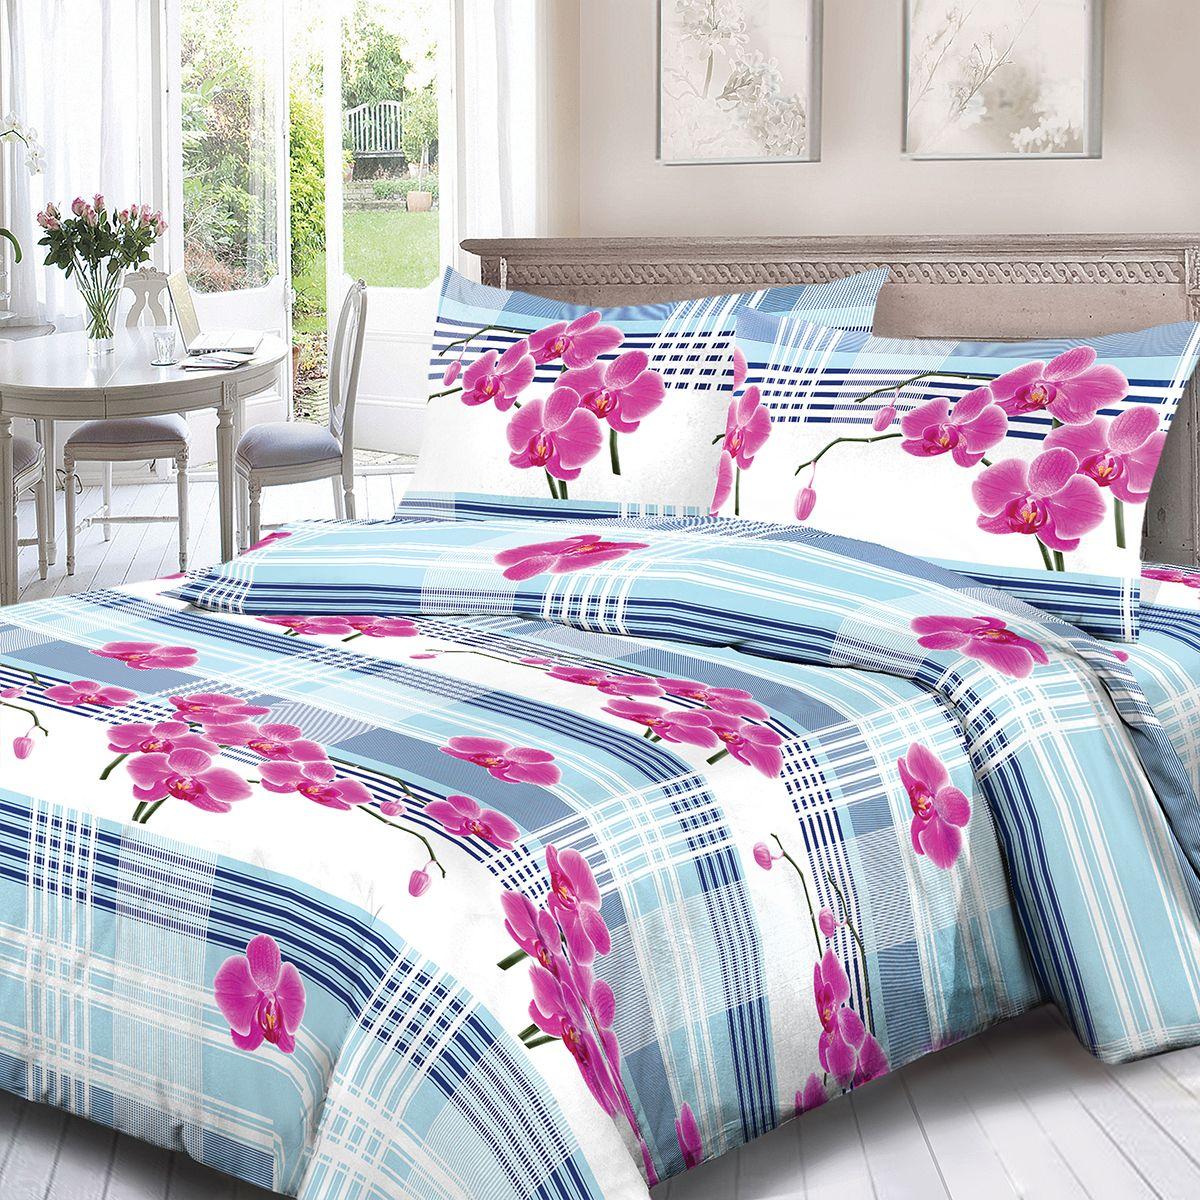 Комплект белья Для Снов Орхидея, 2-х спальное, наволочки 70x70, цвет: розовый. 3547-181978